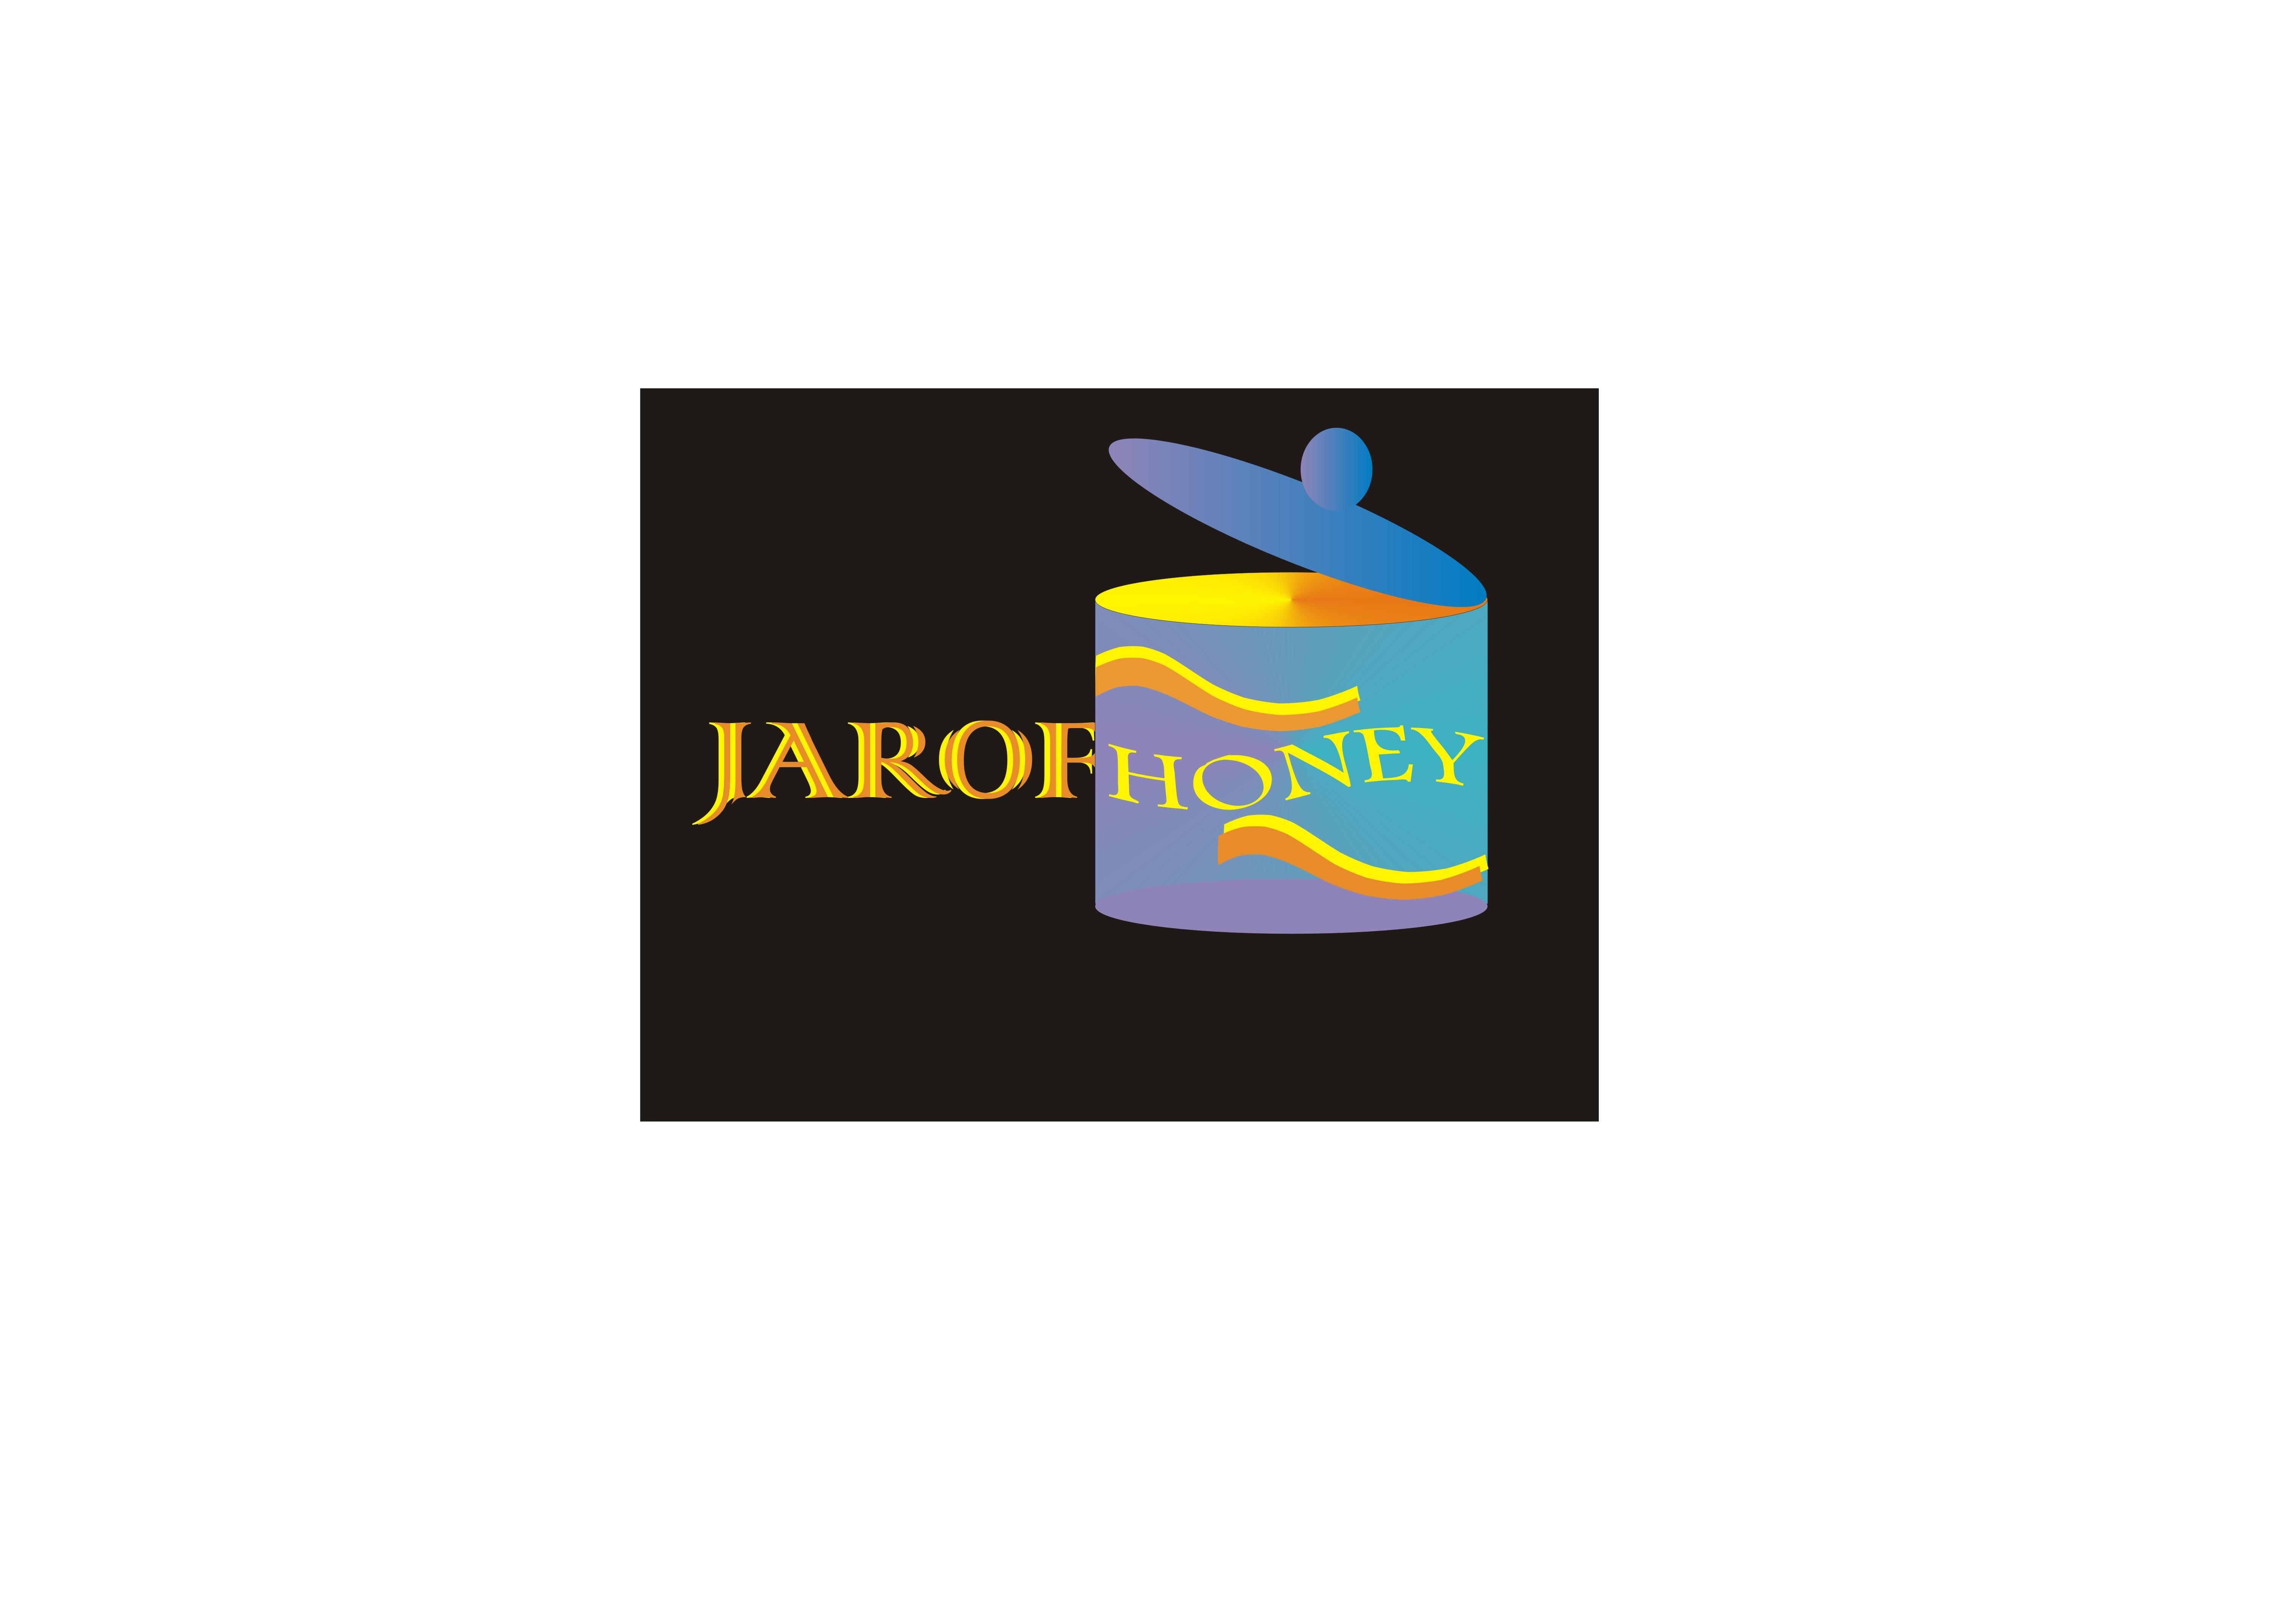 jarofhoney